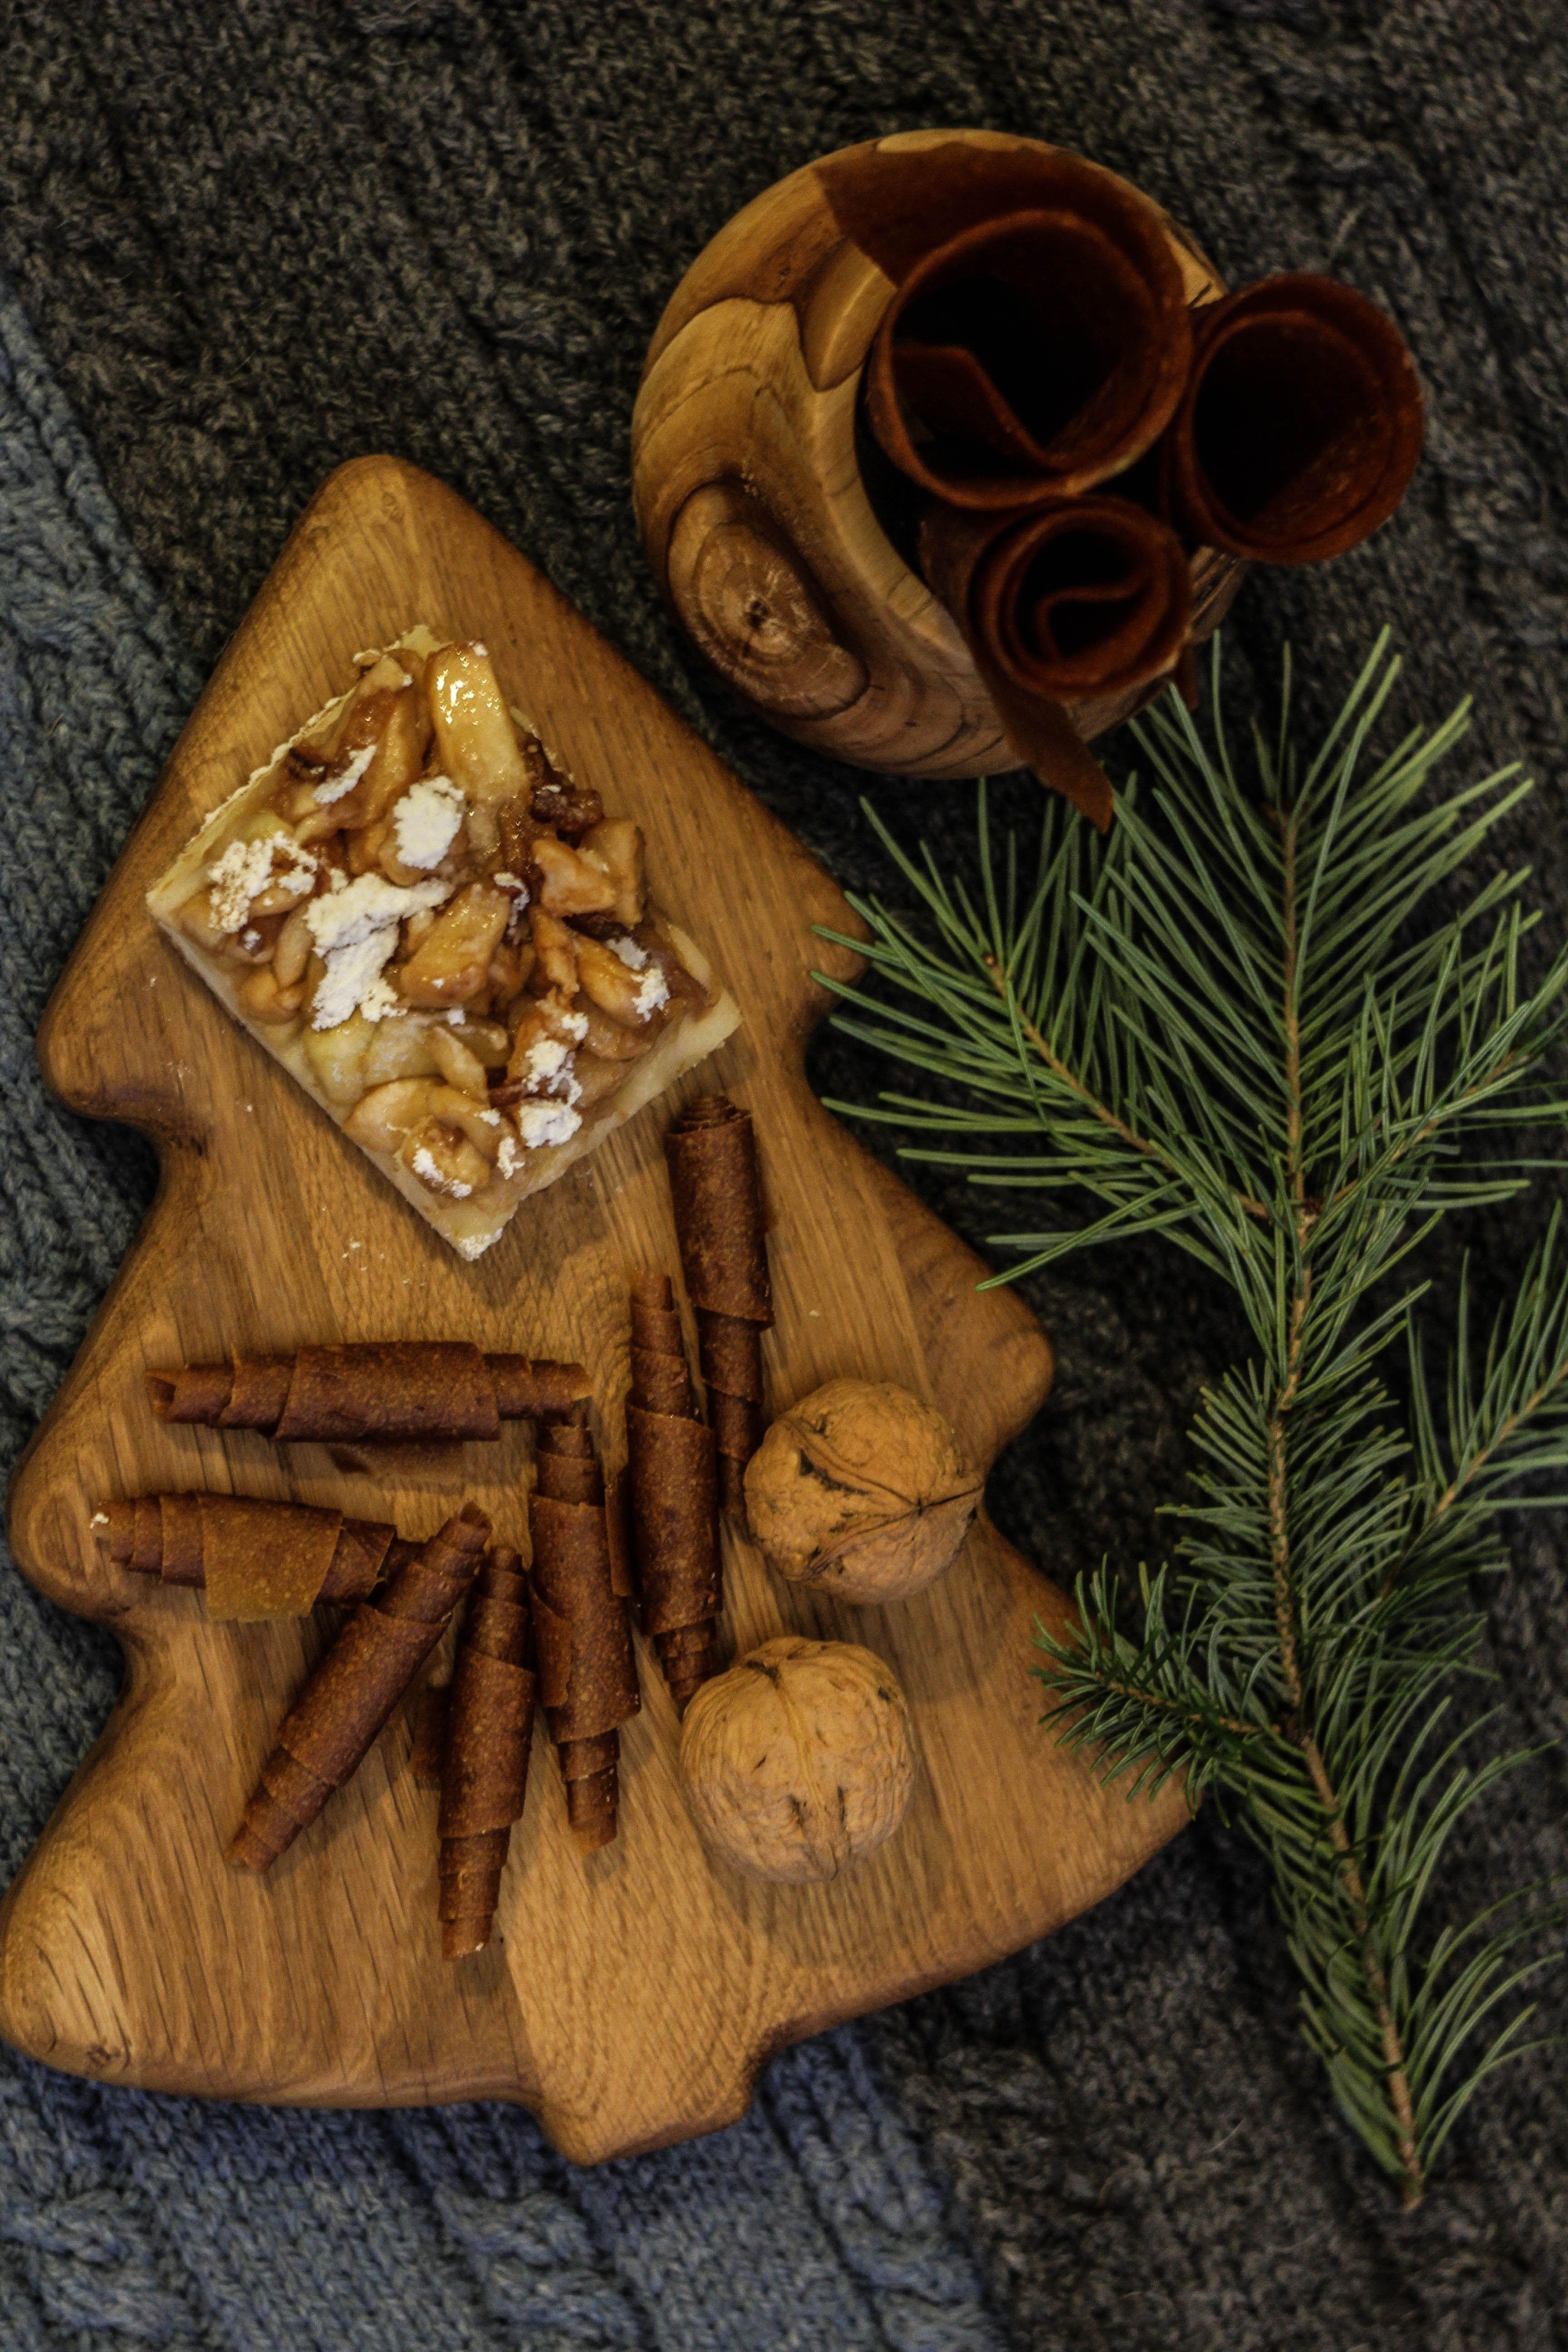 А к вам уже пришло новогоднее настроение?)